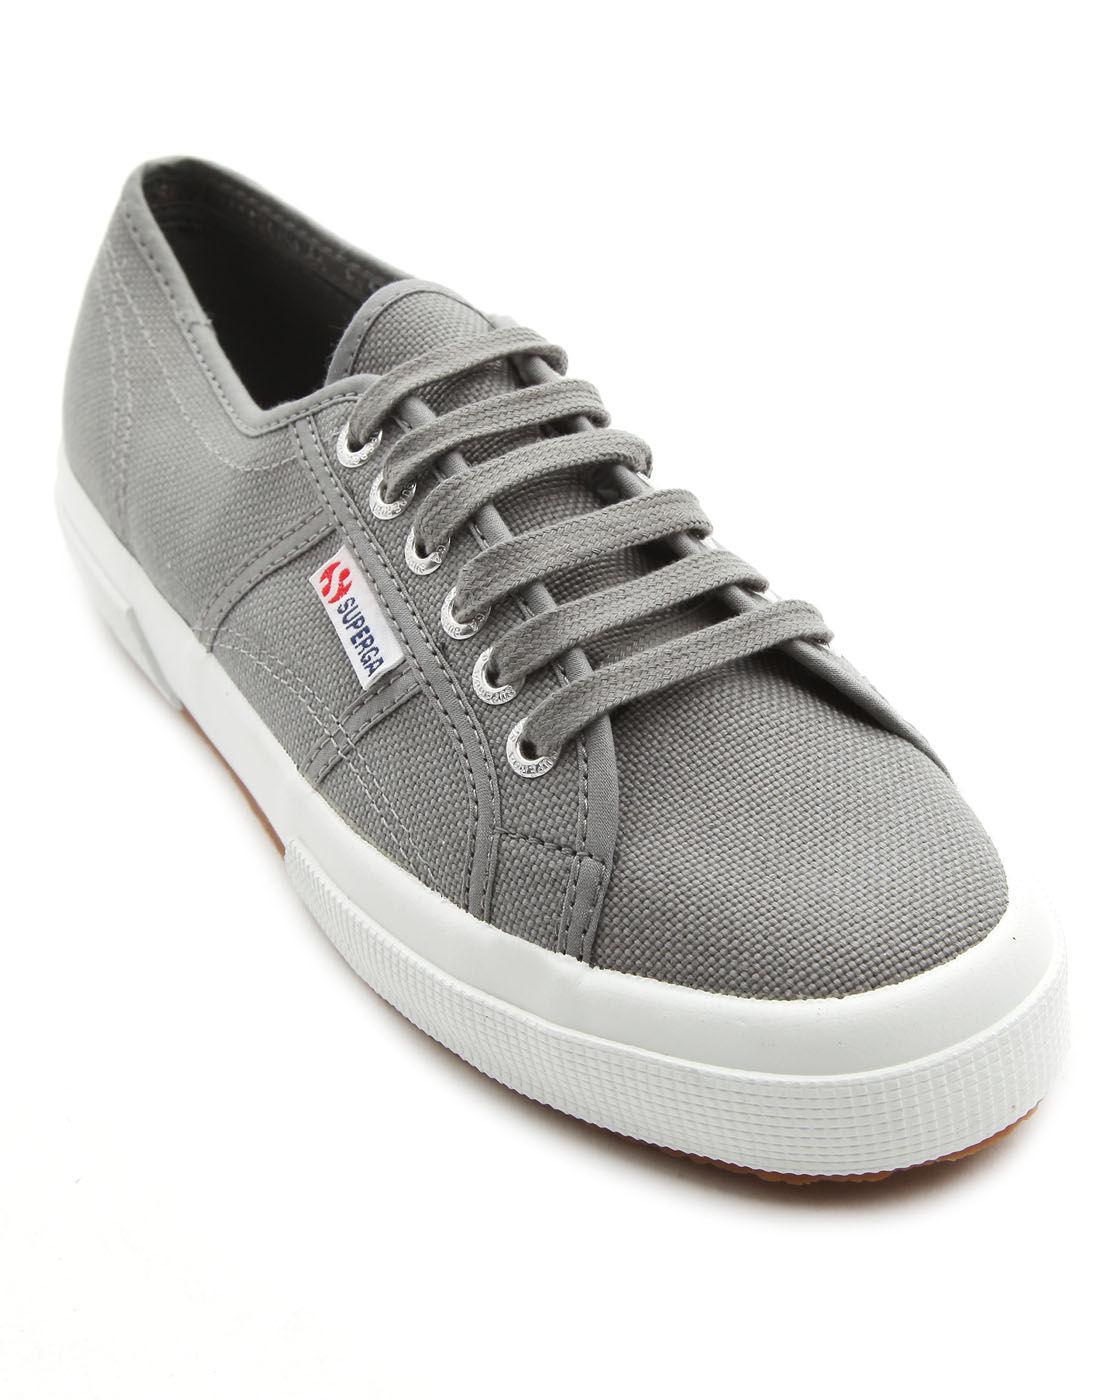 Superga: Superga Cotu Grey Sneakers In Gray For Men (grey)